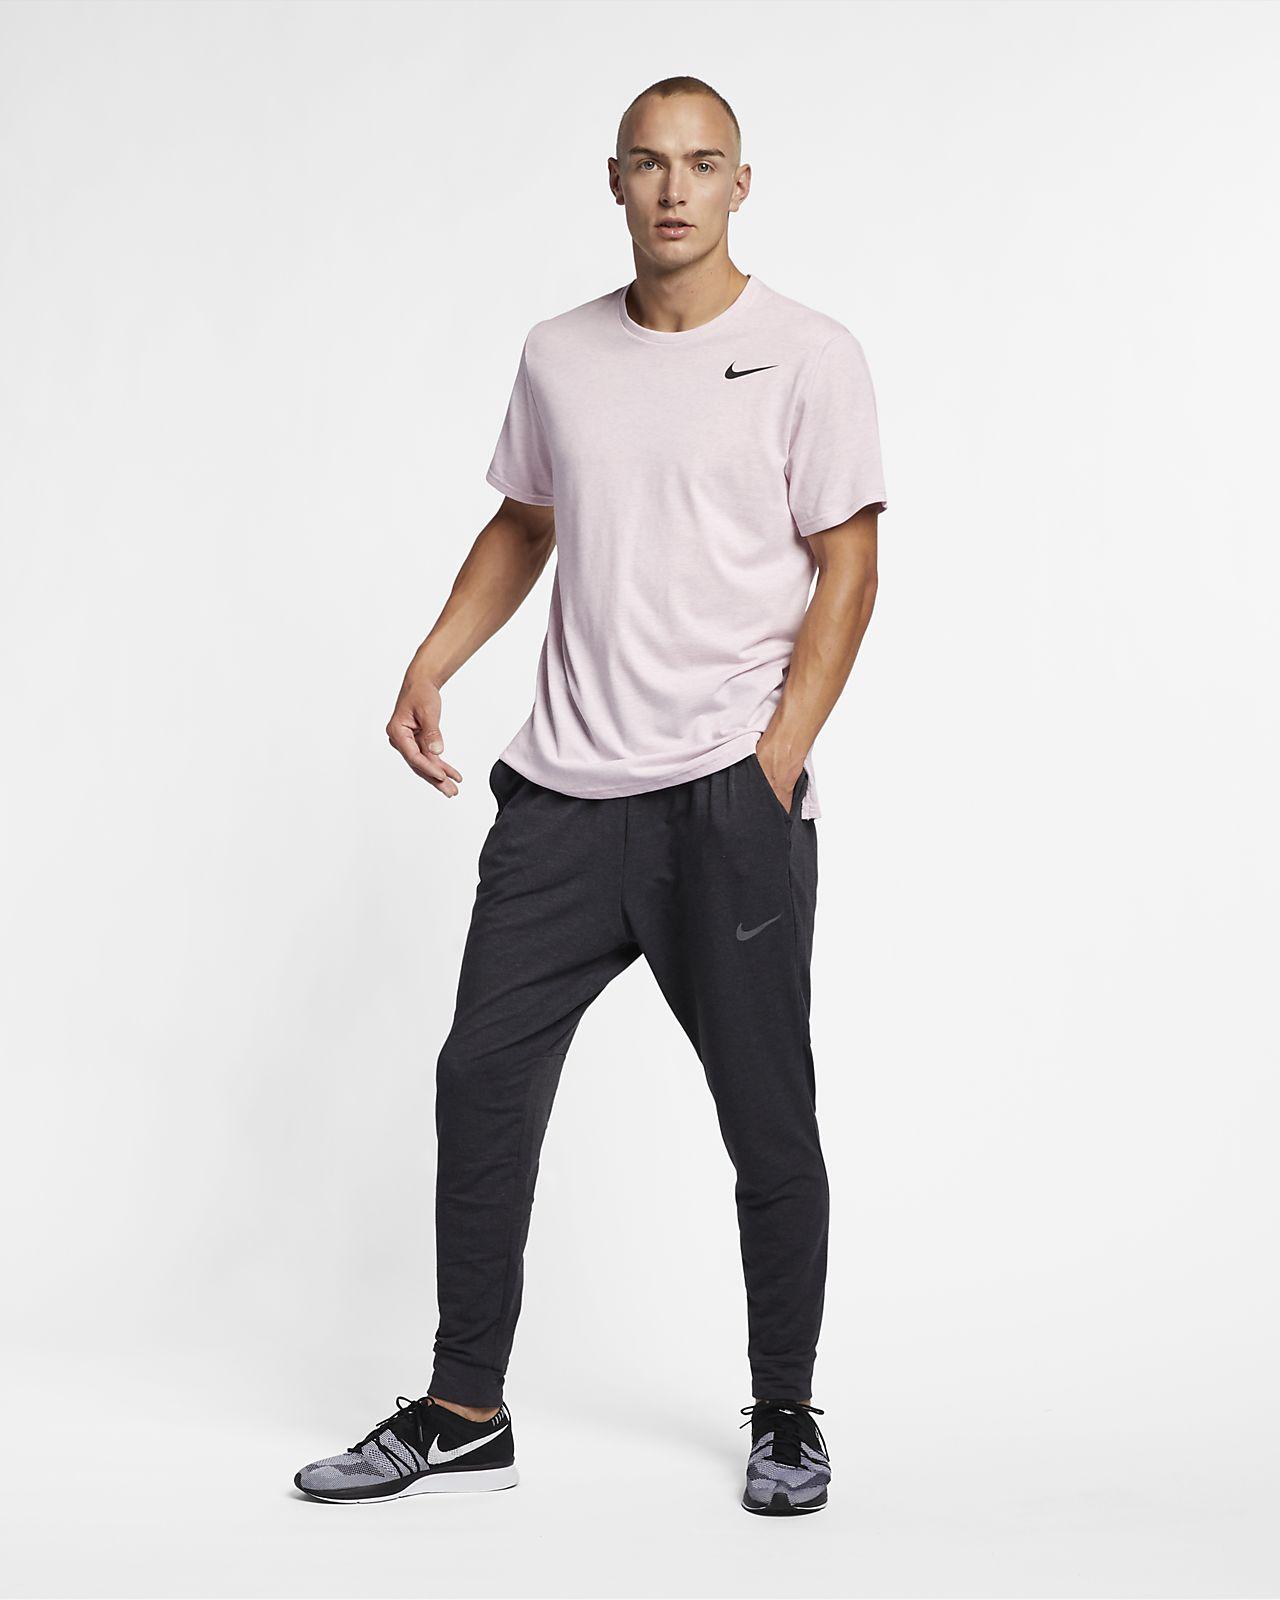 Kortærmet Nike Breathe-træningsoverdel til mænd